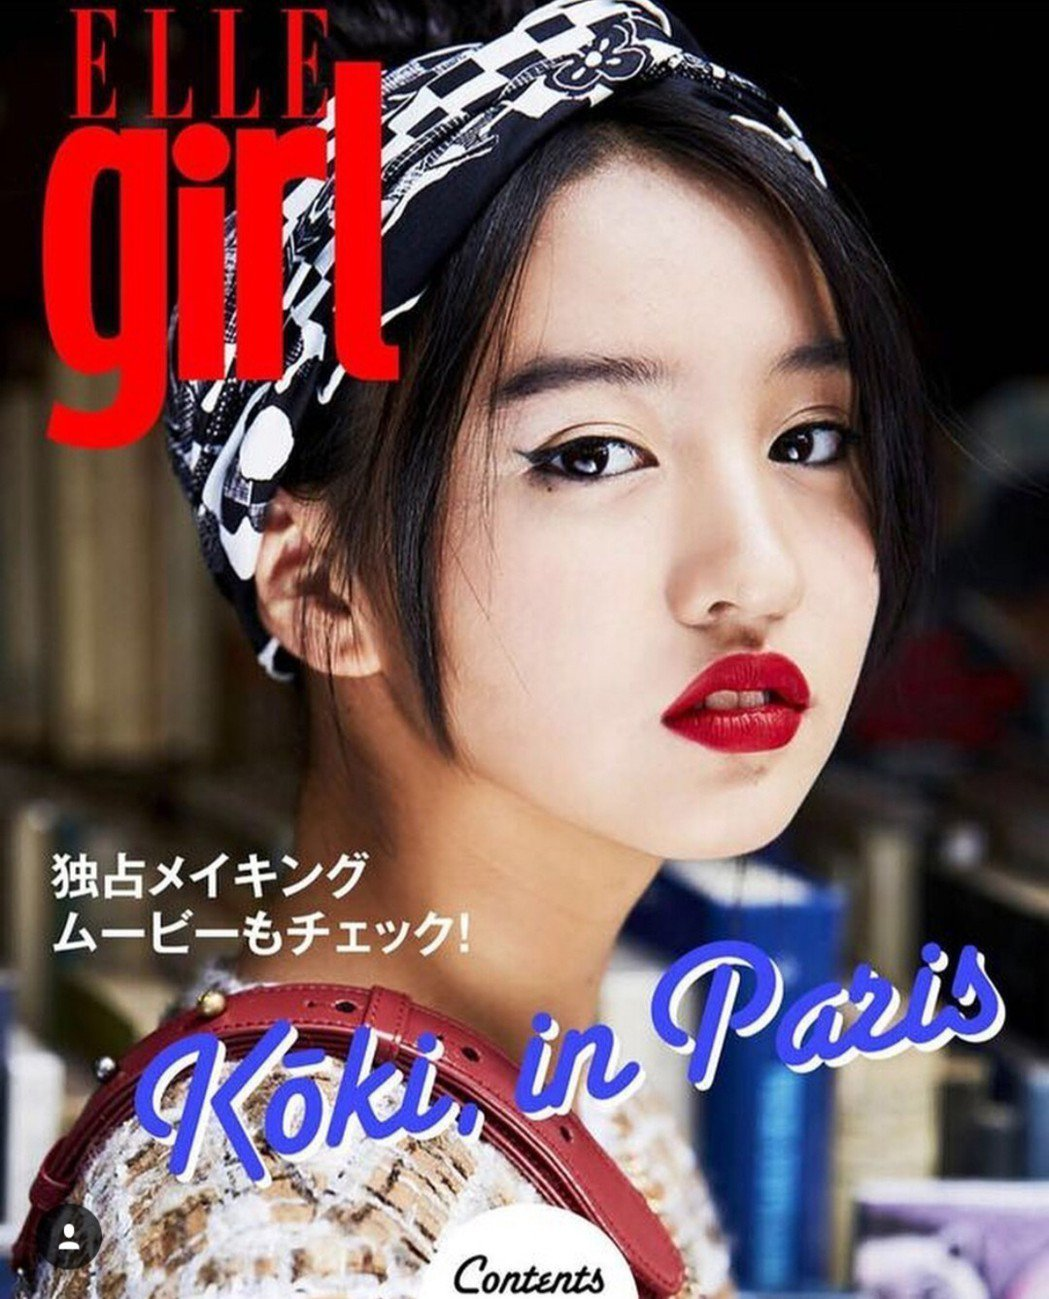 木村光希以復古濃妝成為封面女郎。圖/摘自IG